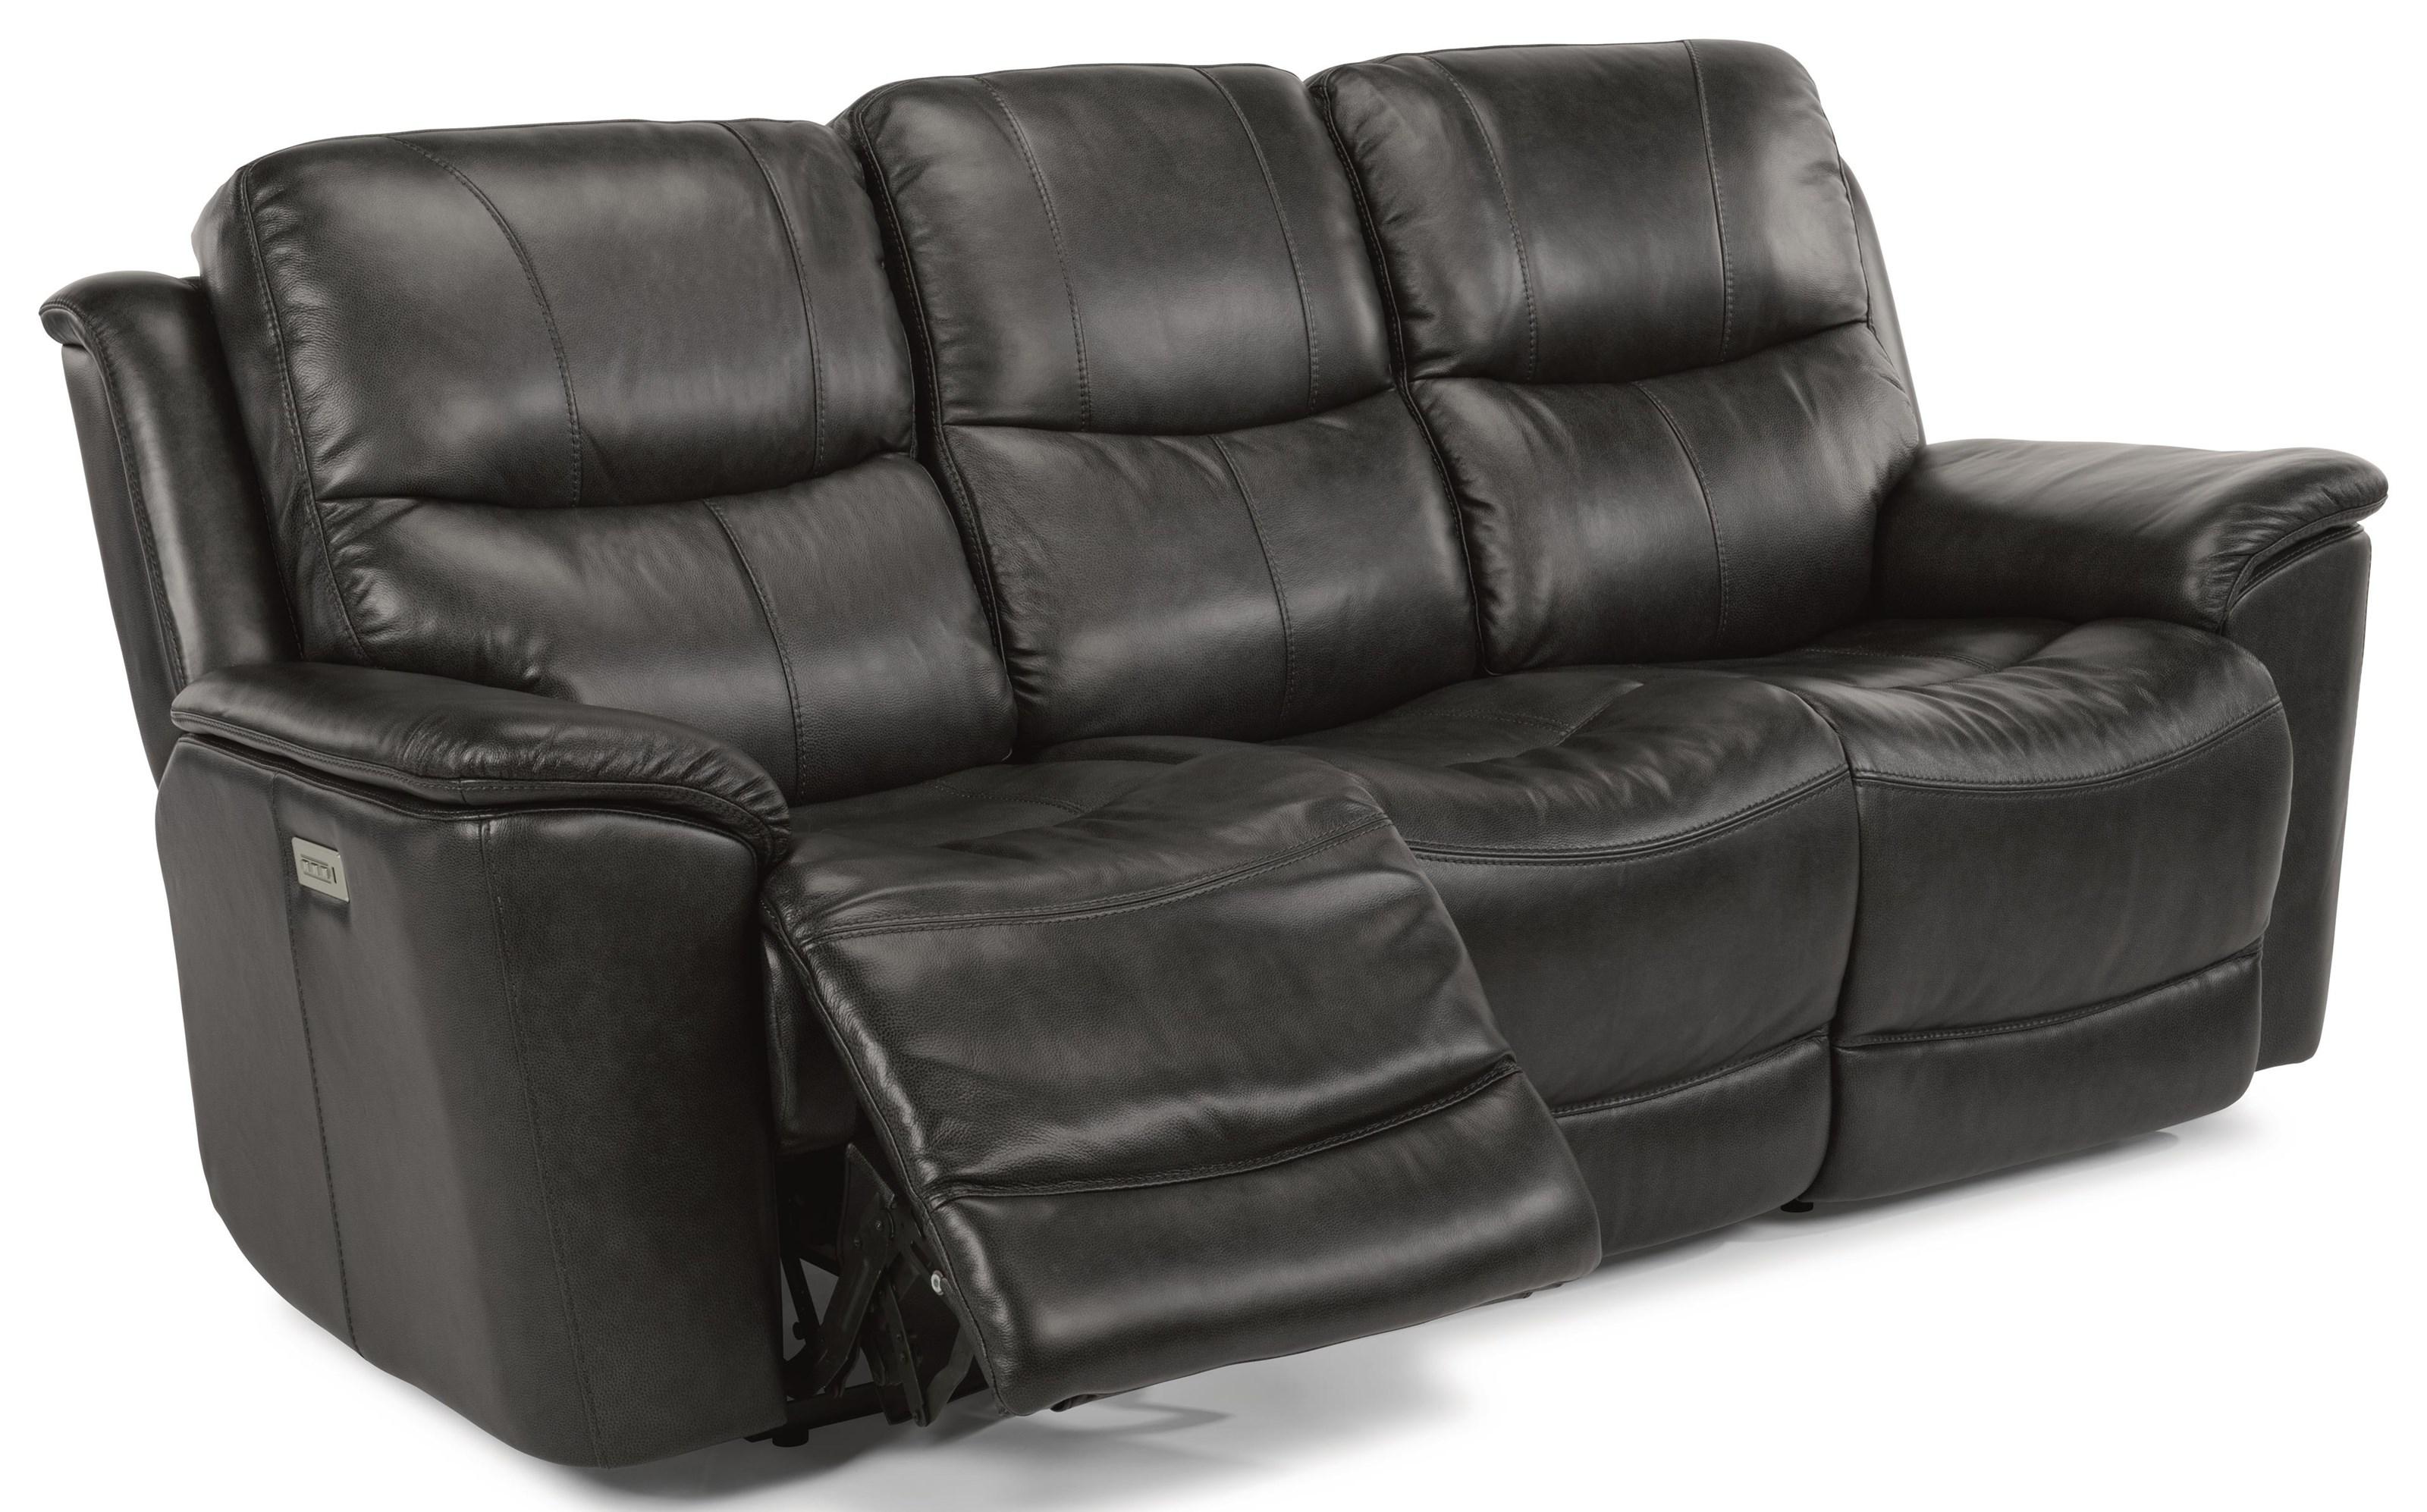 Power Recline, Headrest & Lumbar Sofa